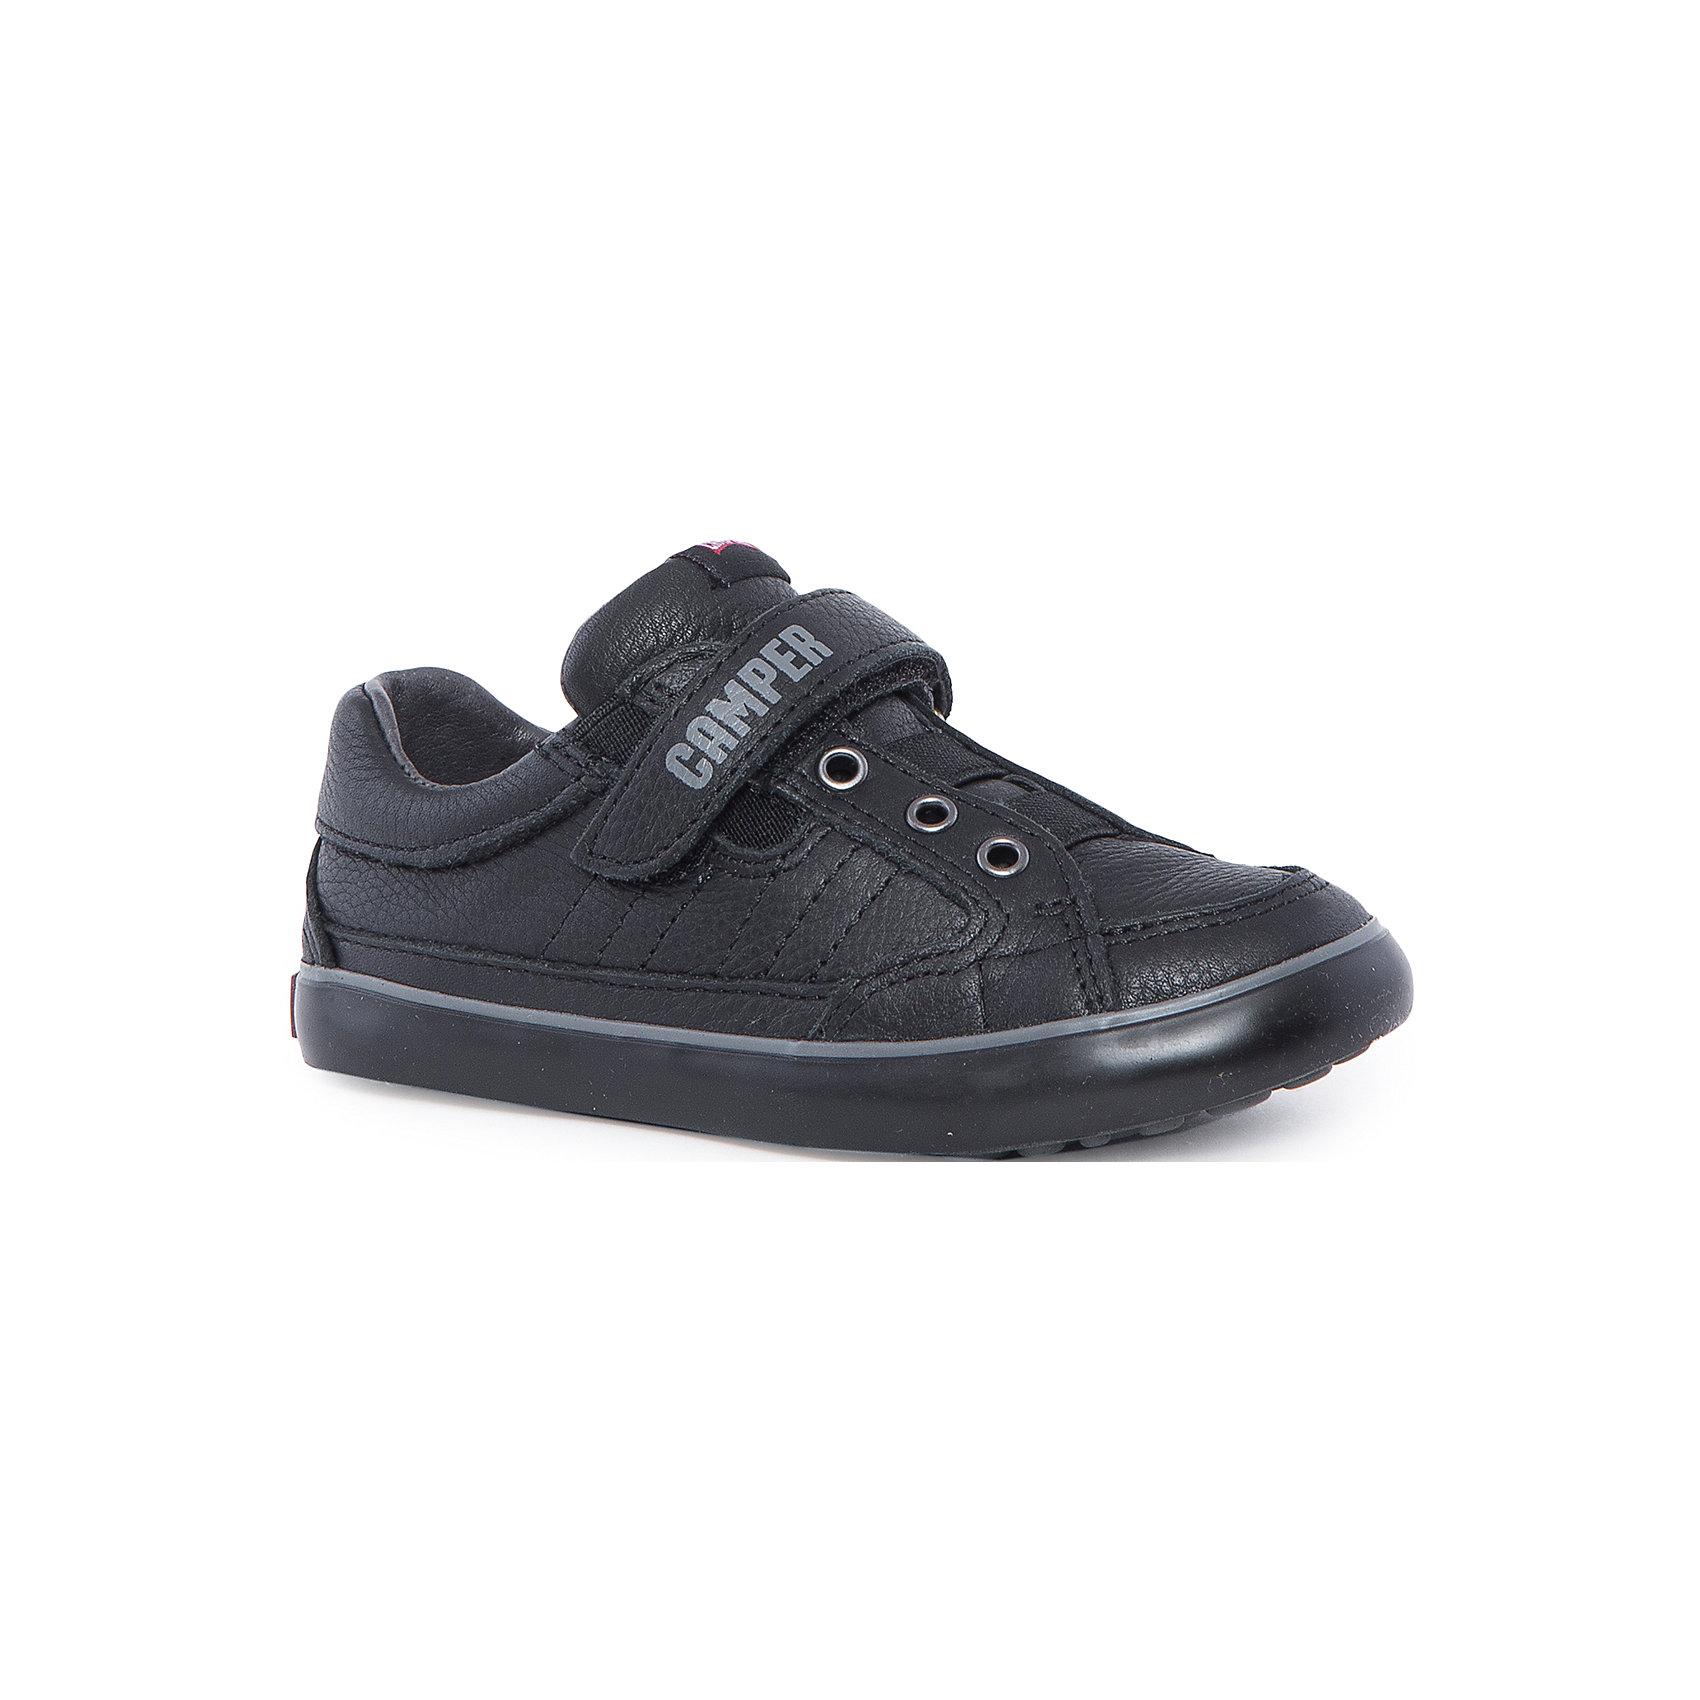 Полуботинки для мальчика CamperХарактеристики:<br><br>• Предназначение: повседневная обувь<br>• Сезон: демисезонные<br>• Пол: для мальчика<br>• Цвет: черный, серый<br>• Материал верха и стельки: натуральная кожа<br>• Материал подошвы: резина<br>• Тип каблука и подошвы: плоская<br>• Тип застежки: липучки, шнурки<br>• Уход: удаление загрязнений мягкой тканью<br><br>Полуботинки для мальчика Camper изготовлены испанским торговым брендом, специализирующимся на производстве обуви премиум-класса. Детская обувь Camper учитывает анатомические особенности детской растущей ноги, поэтому она изготавливается исключительно из натуральной кожи. Сникеры выполнены из гладкой кожи, все элементы верха прошиты, для защиты от натирания предусмотрена мягкая пятка. Полуботинки выполнены в классическом спортивном стиле, на подошве и ремешке-липучке имеется брендовая надпись.<br><br>Полуботинки для мальчика Camper можно купить в нашем интернет-магазине.<br><br>Ширина мм: 262<br>Глубина мм: 176<br>Высота мм: 97<br>Вес г: 427<br>Цвет: черный<br>Возраст от месяцев: 156<br>Возраст до месяцев: 1188<br>Пол: Мужской<br>Возраст: Детский<br>Размер: 38,33,29,32,31,35,28,27,25,30,36,26,37,34<br>SKU: 4974848